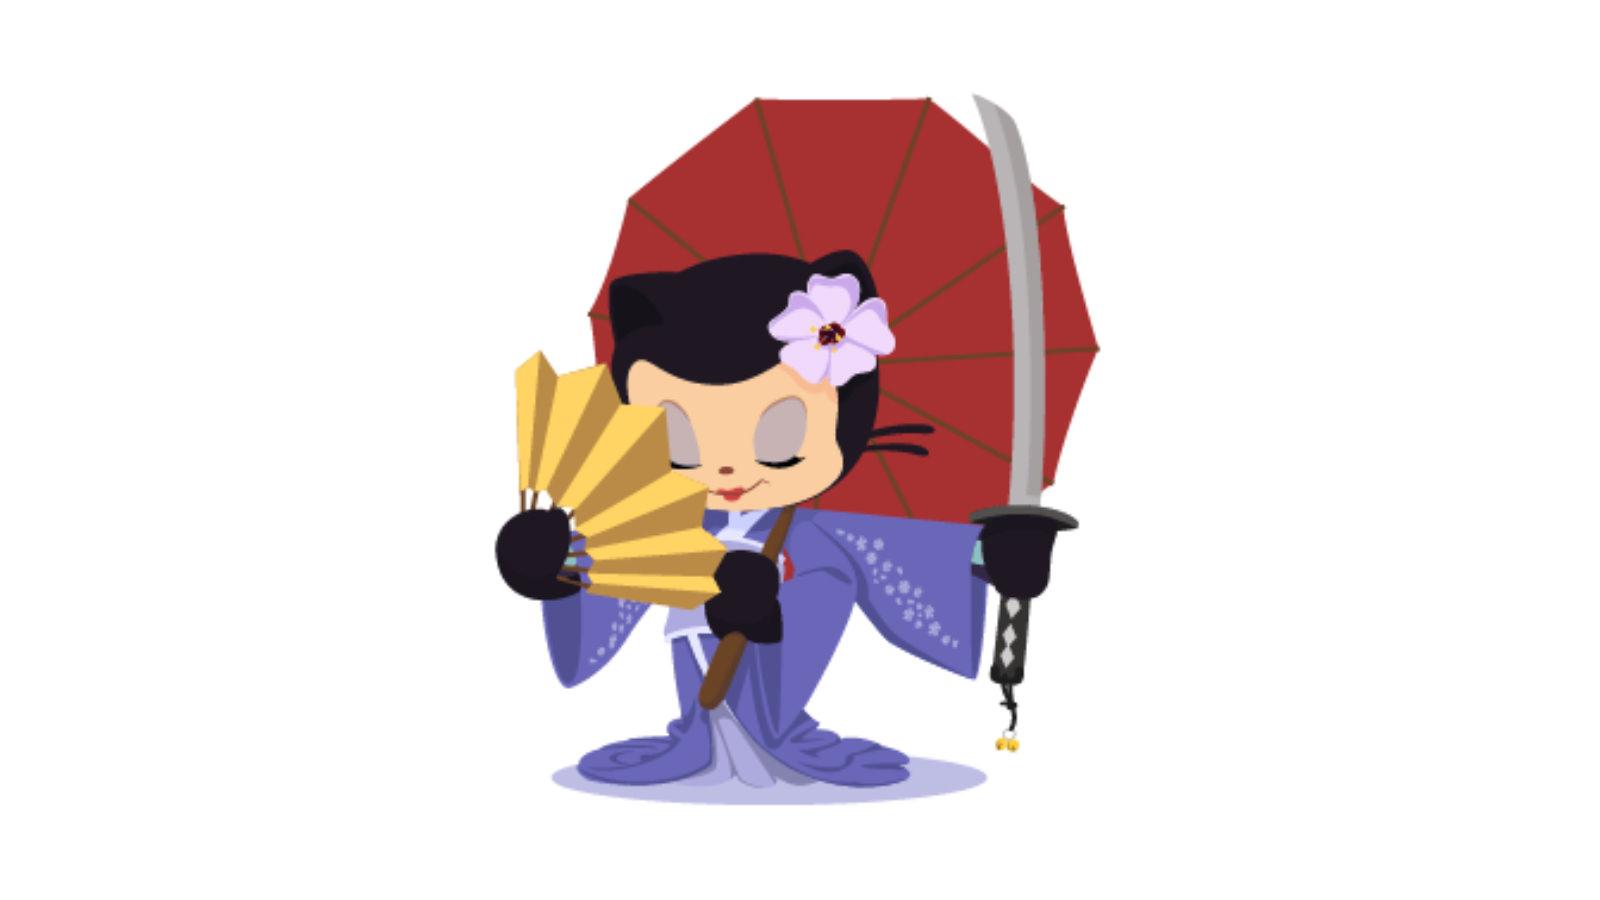 Kimonocat